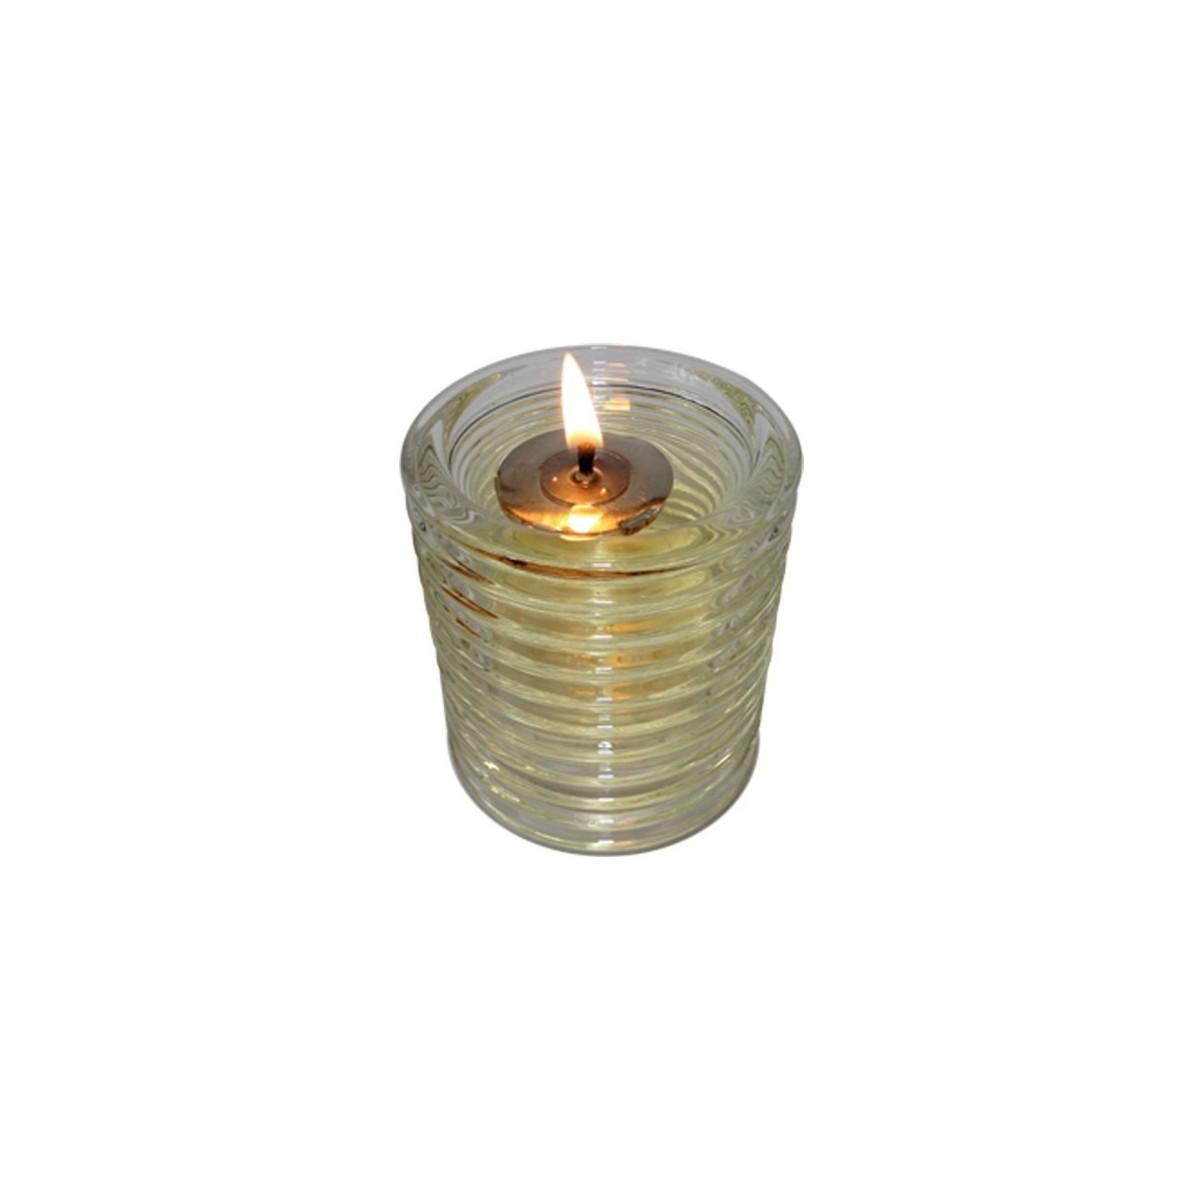 photophore buzz les veilleuses fran aises bougies photophores lumi res botanique editions. Black Bedroom Furniture Sets. Home Design Ideas